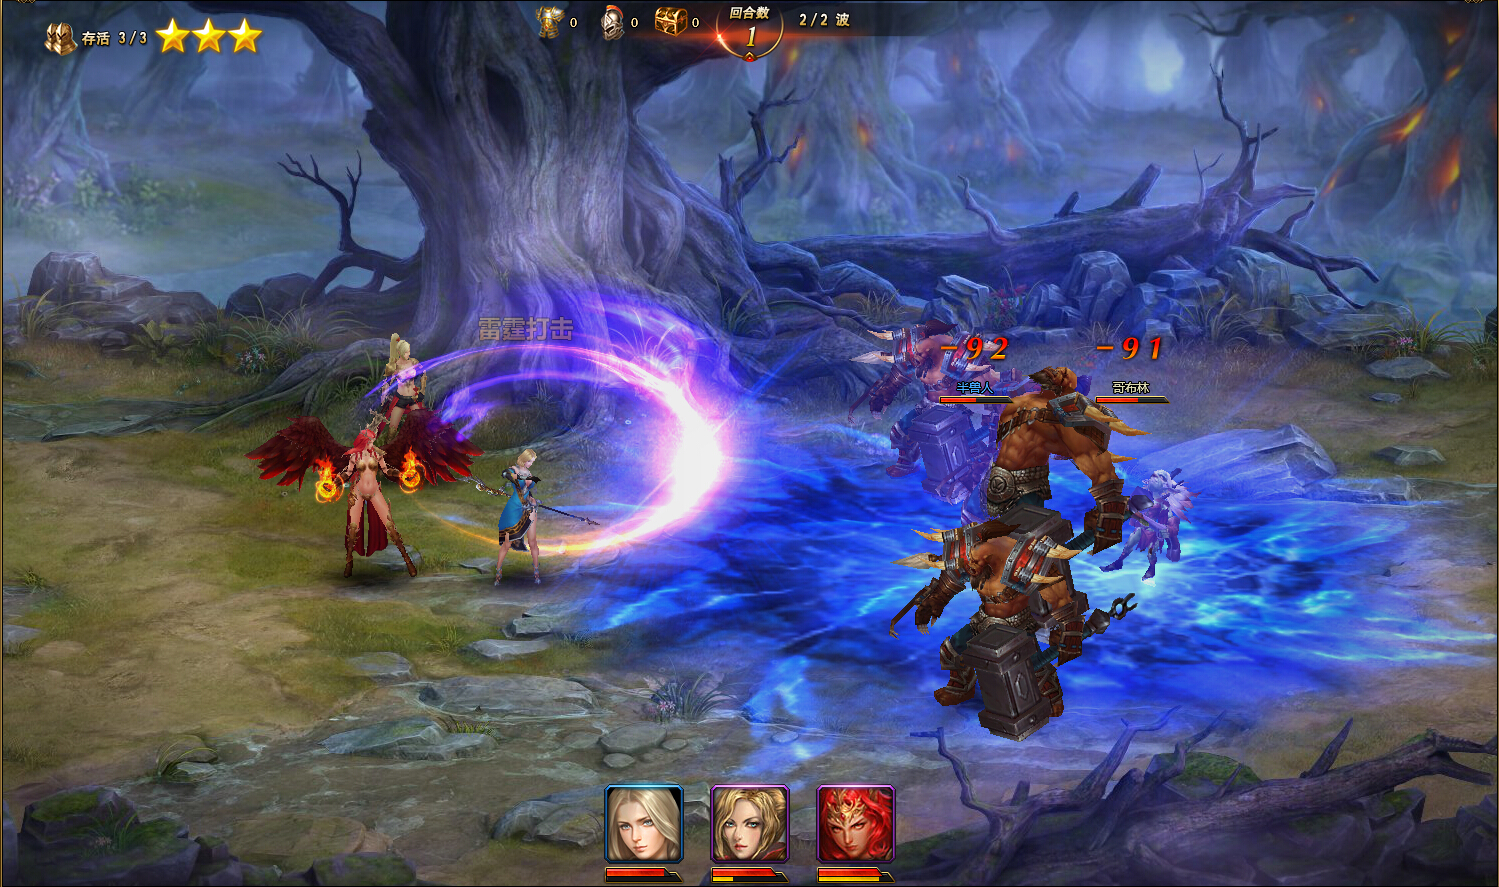 《女神联盟Ⅱ》游戏截图